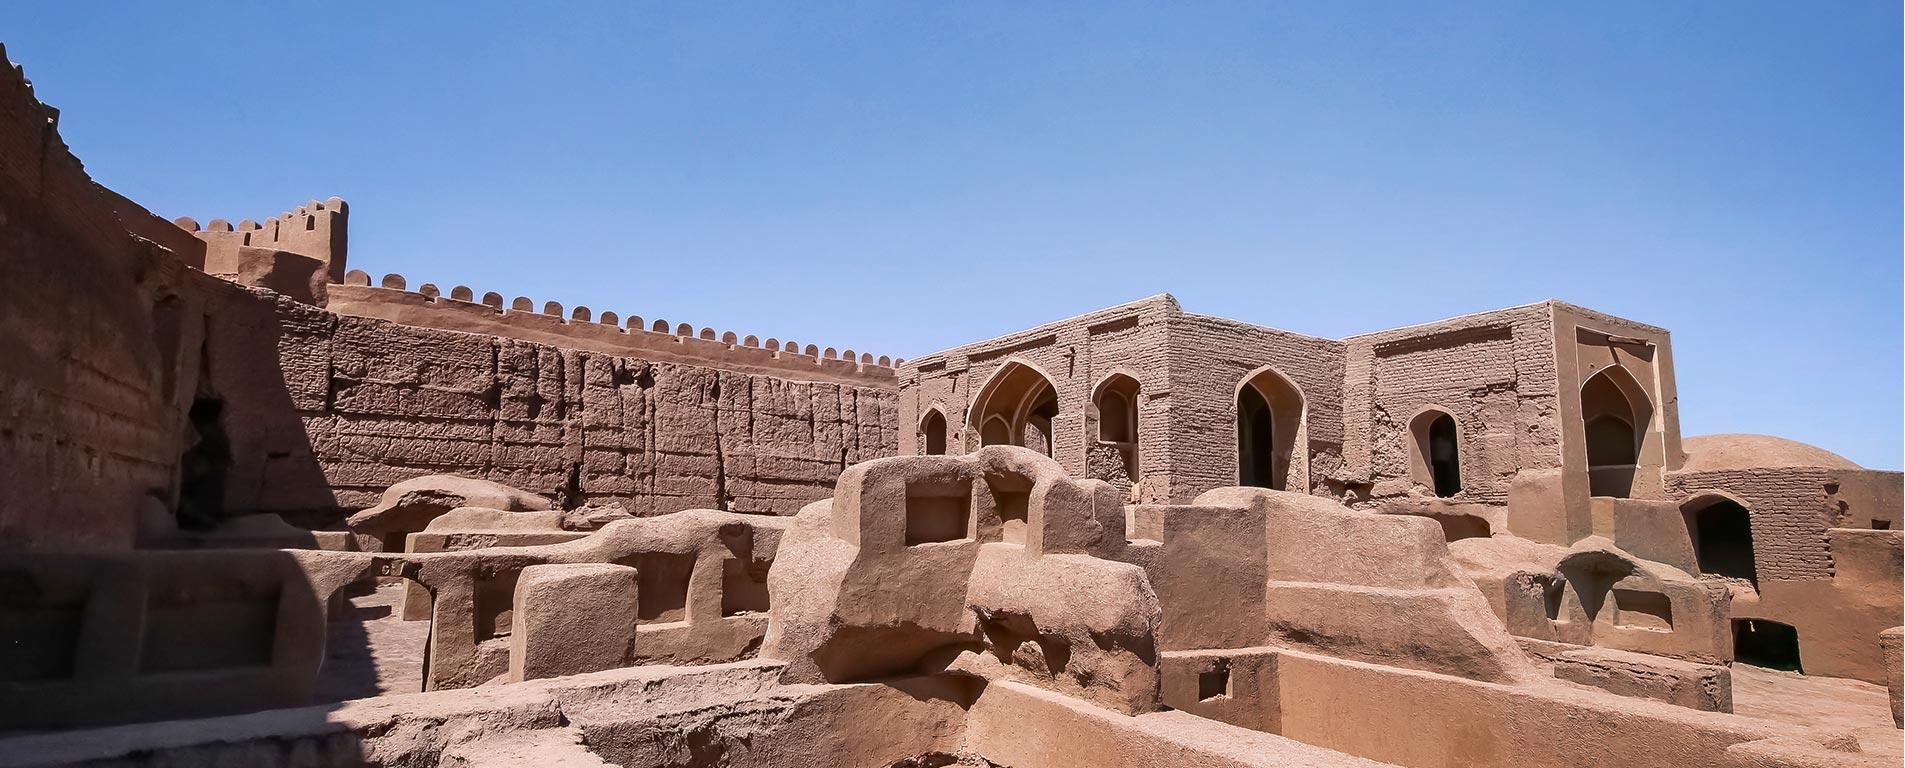 ارگ راین کرمان ، تمام نکات لازم دربارهی دومین بنای خشتی جهان